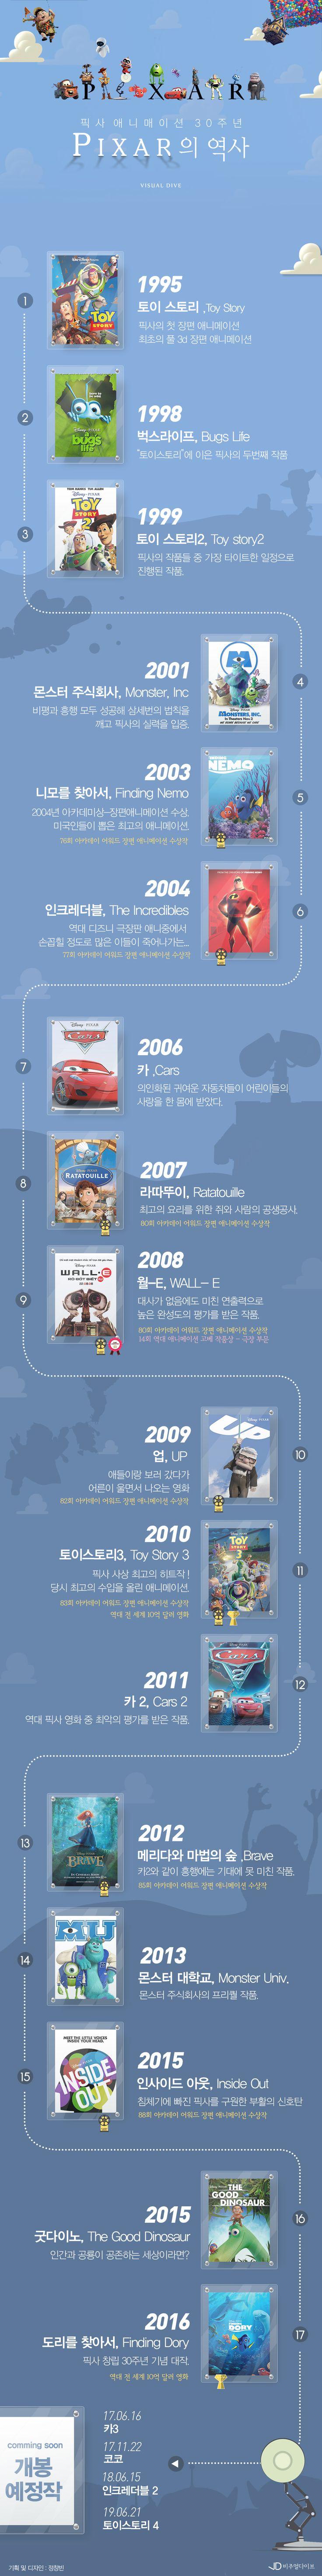 픽사 애니메이션 30년의 역사 [인포그래픽] #pixar / #Infographic ⓒ 비주얼다이브 무단 복사·전재·재배포 금지